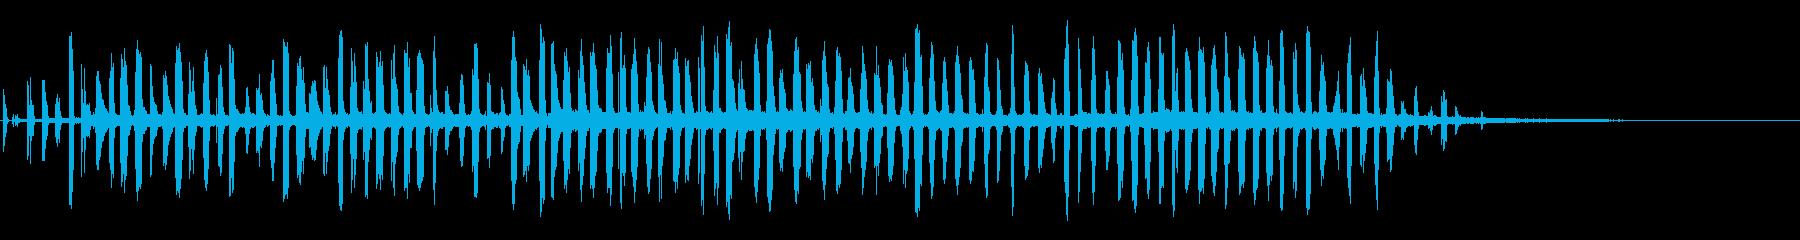 残響通信ビートの再生済みの波形